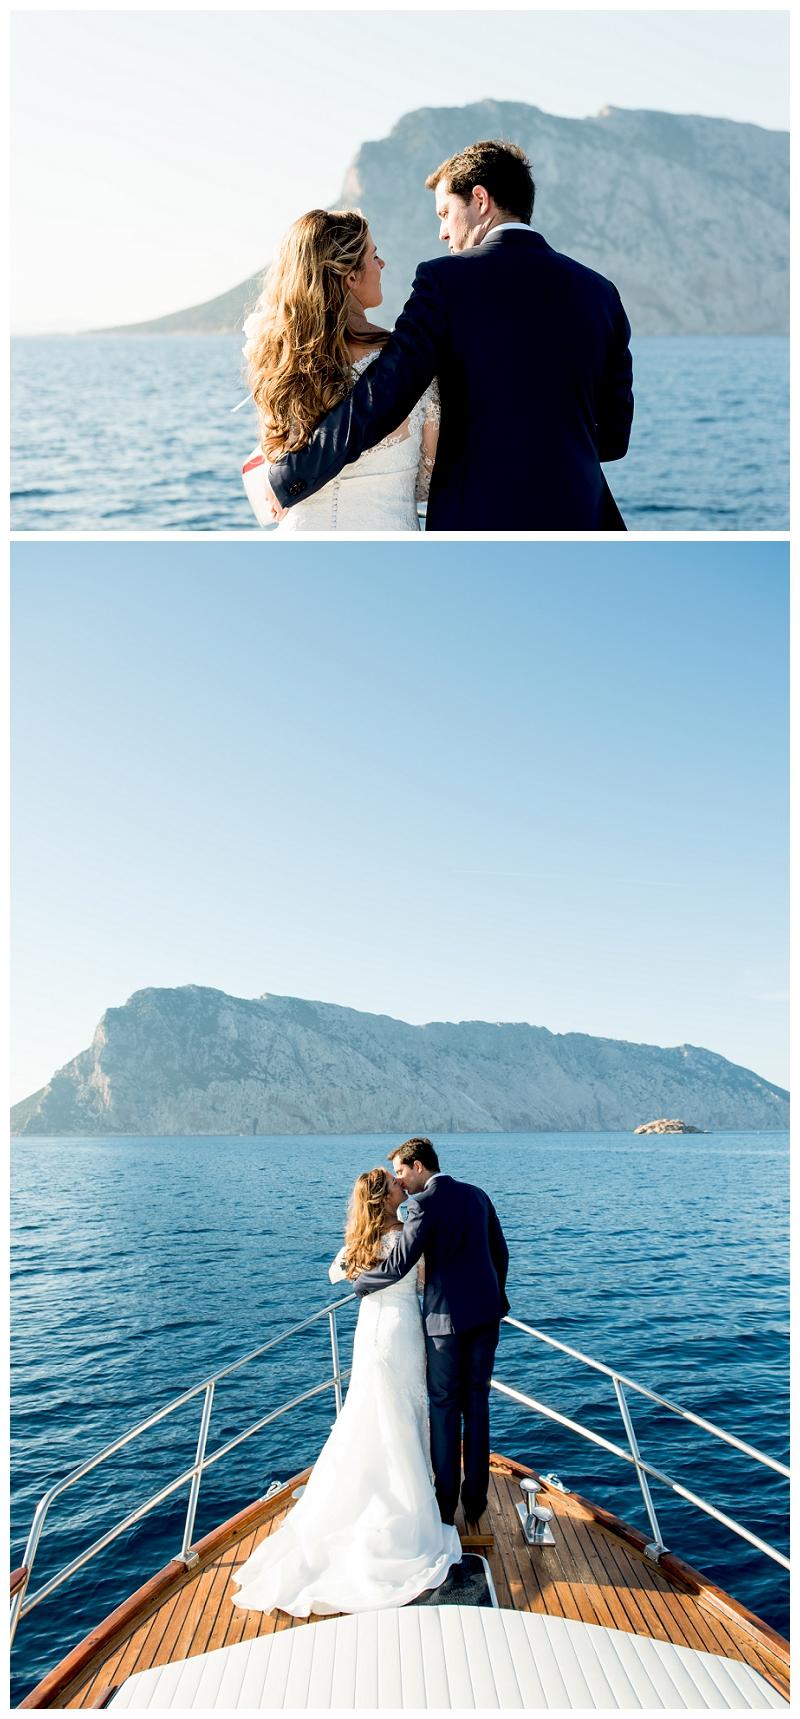 Fotografia matrimonio Isola Tavolara